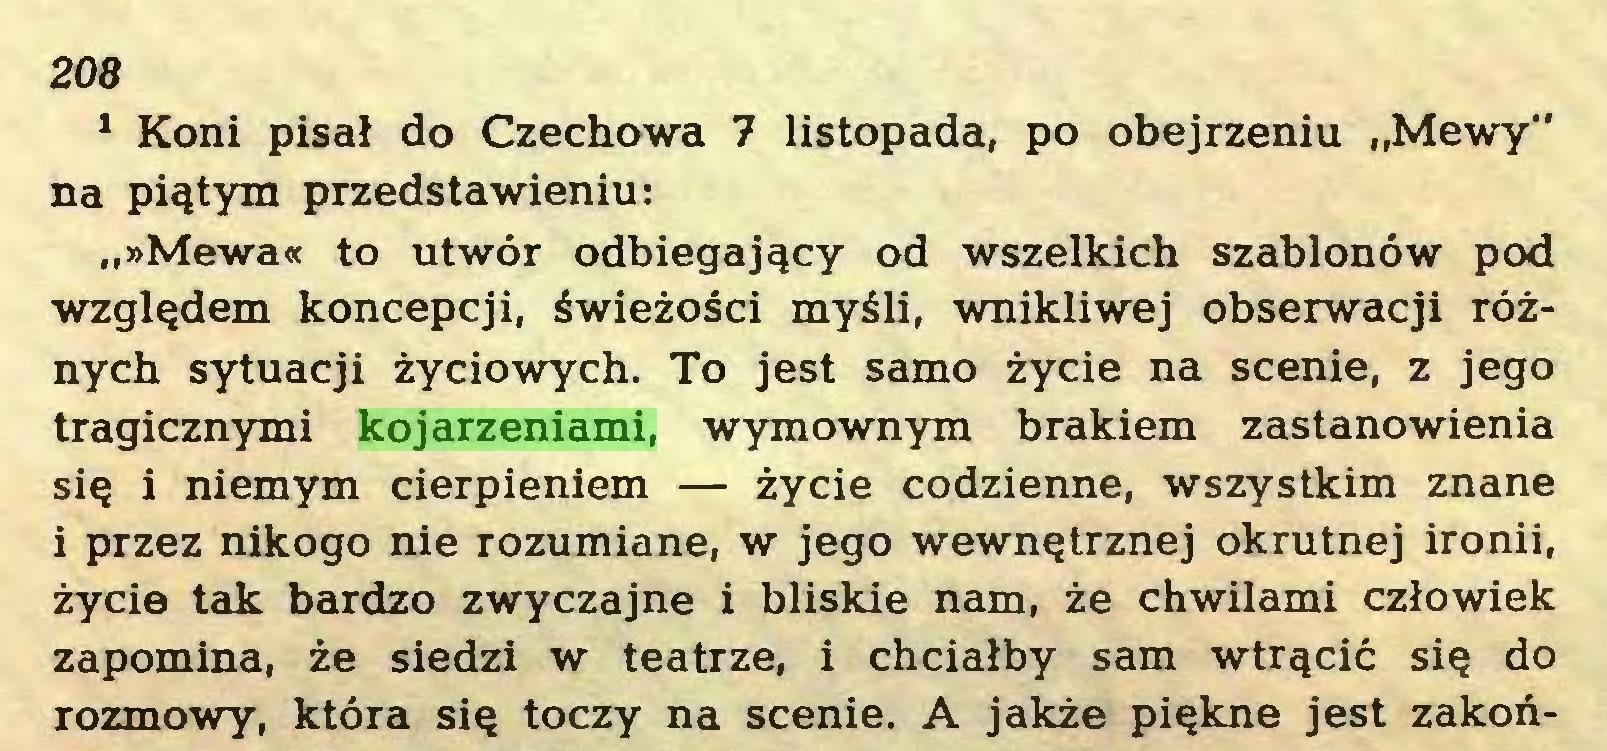 """(...) 208 1 Koni pisał do Czechowa 7 listopada, po obejrzeniu """"Mewy"""" na piątym przedstawieniu: """"»Mewa« to utwór odbiegający od wszelkich szablonów pod względem koncepcji, świeżości myśli, wnikliwej obserwacji różnych sytuacji życiowych. To jest samo życie na scenie, z jego tragicznymi kojarzeniami, wymownym brakiem zastanowienia się i niemym cierpieniem — życie codzienne, wszystkim znane i przez nikogo nie rozumiane, w jego wewnętrznej okrutnej ironii, życie tak bardzo zwyczajne i bliskie nam, że chwilami człowiek zapomina, że siedzi w teatrze, i chciałby sam wtrącić się do rozmowy, która się toczy na scenie. A jakże piękne jest zakoń..."""